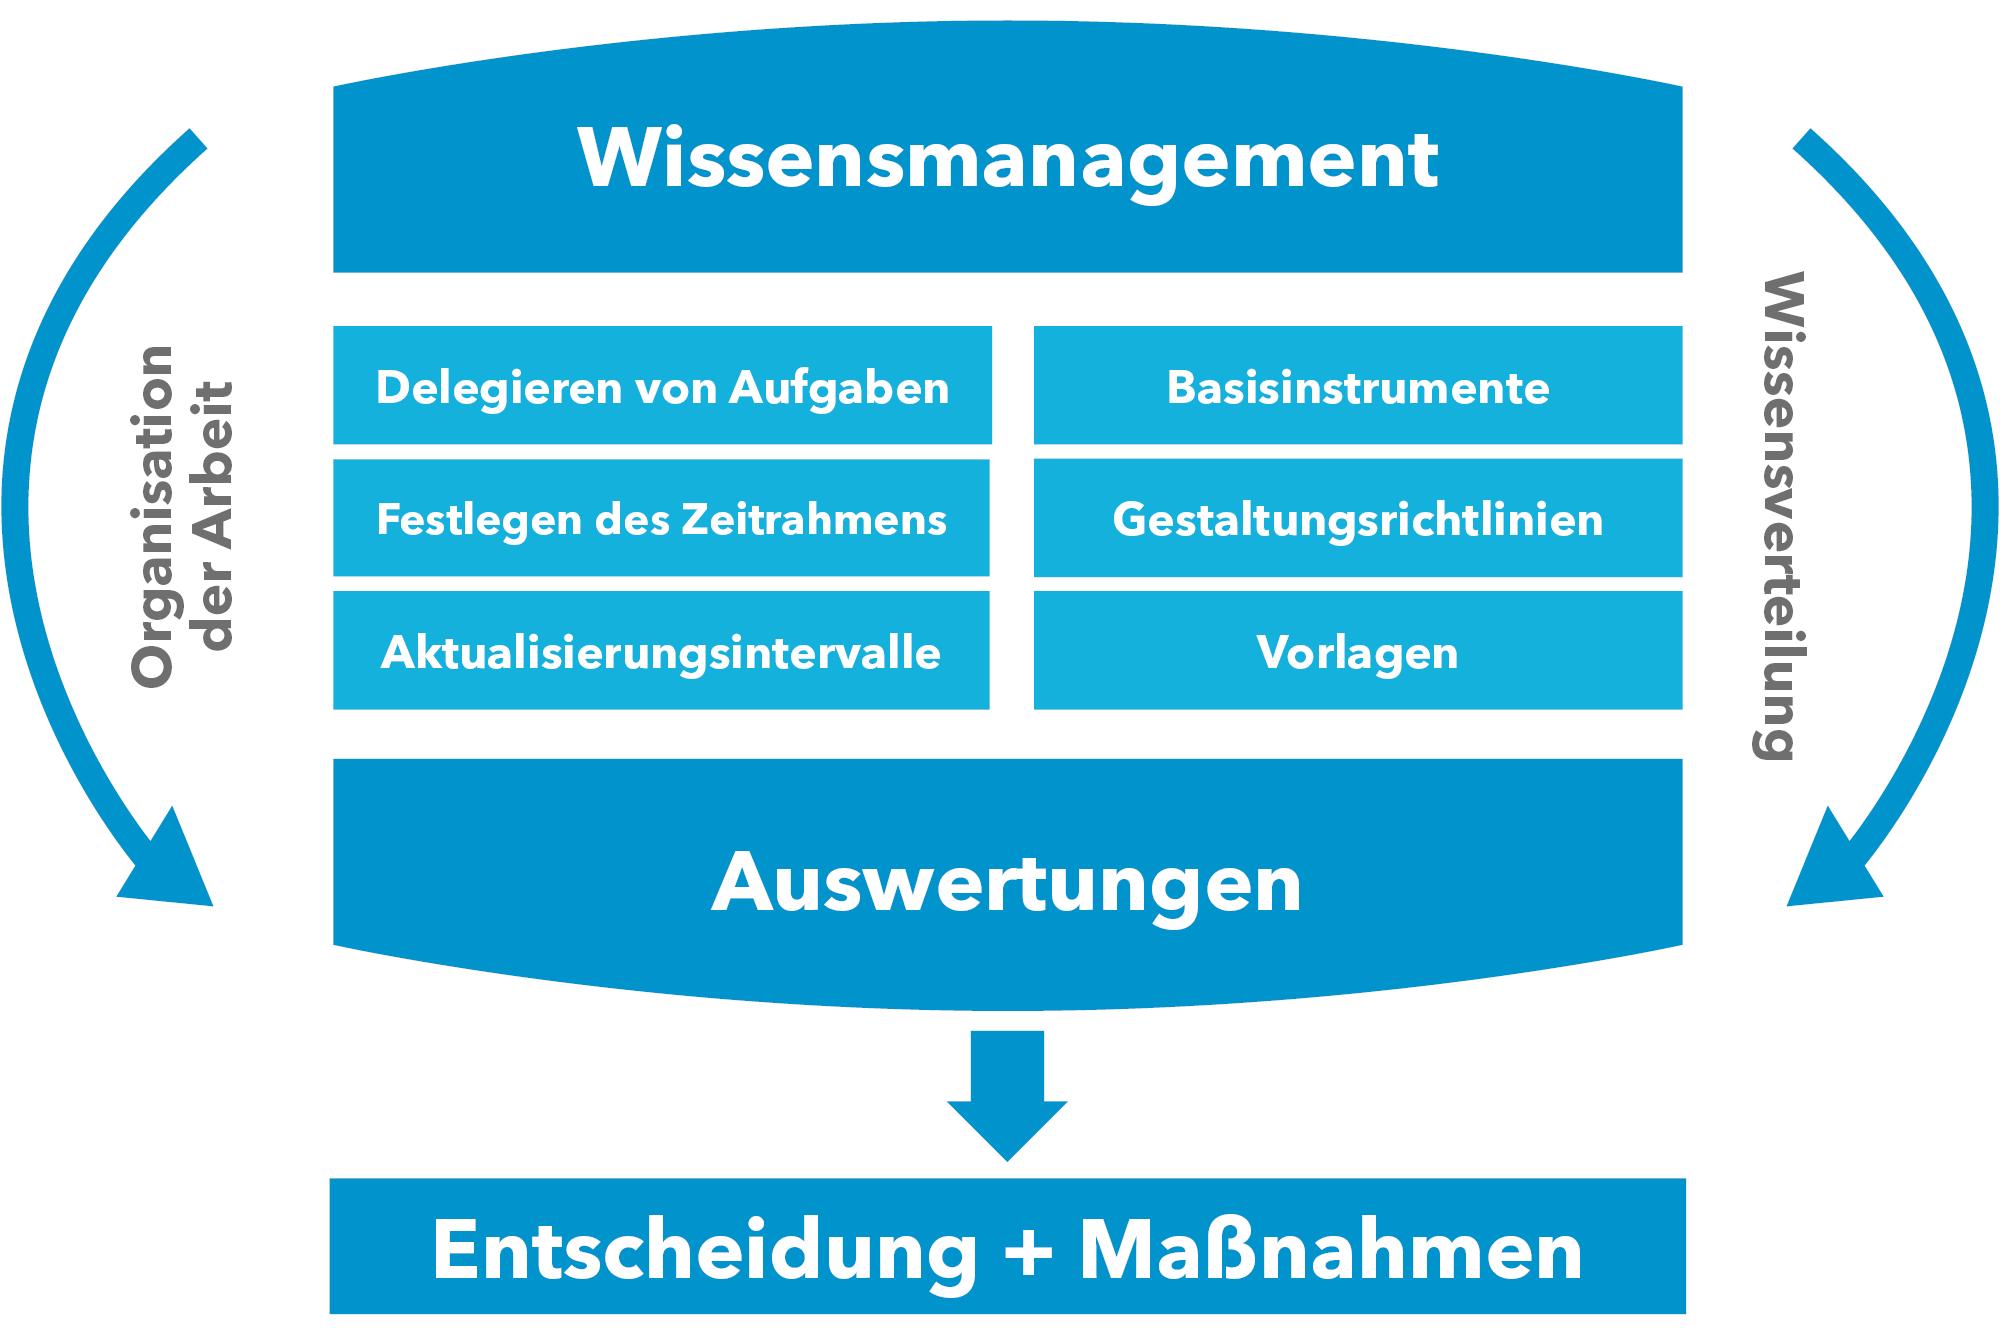 wissensmanagement-auswertungen